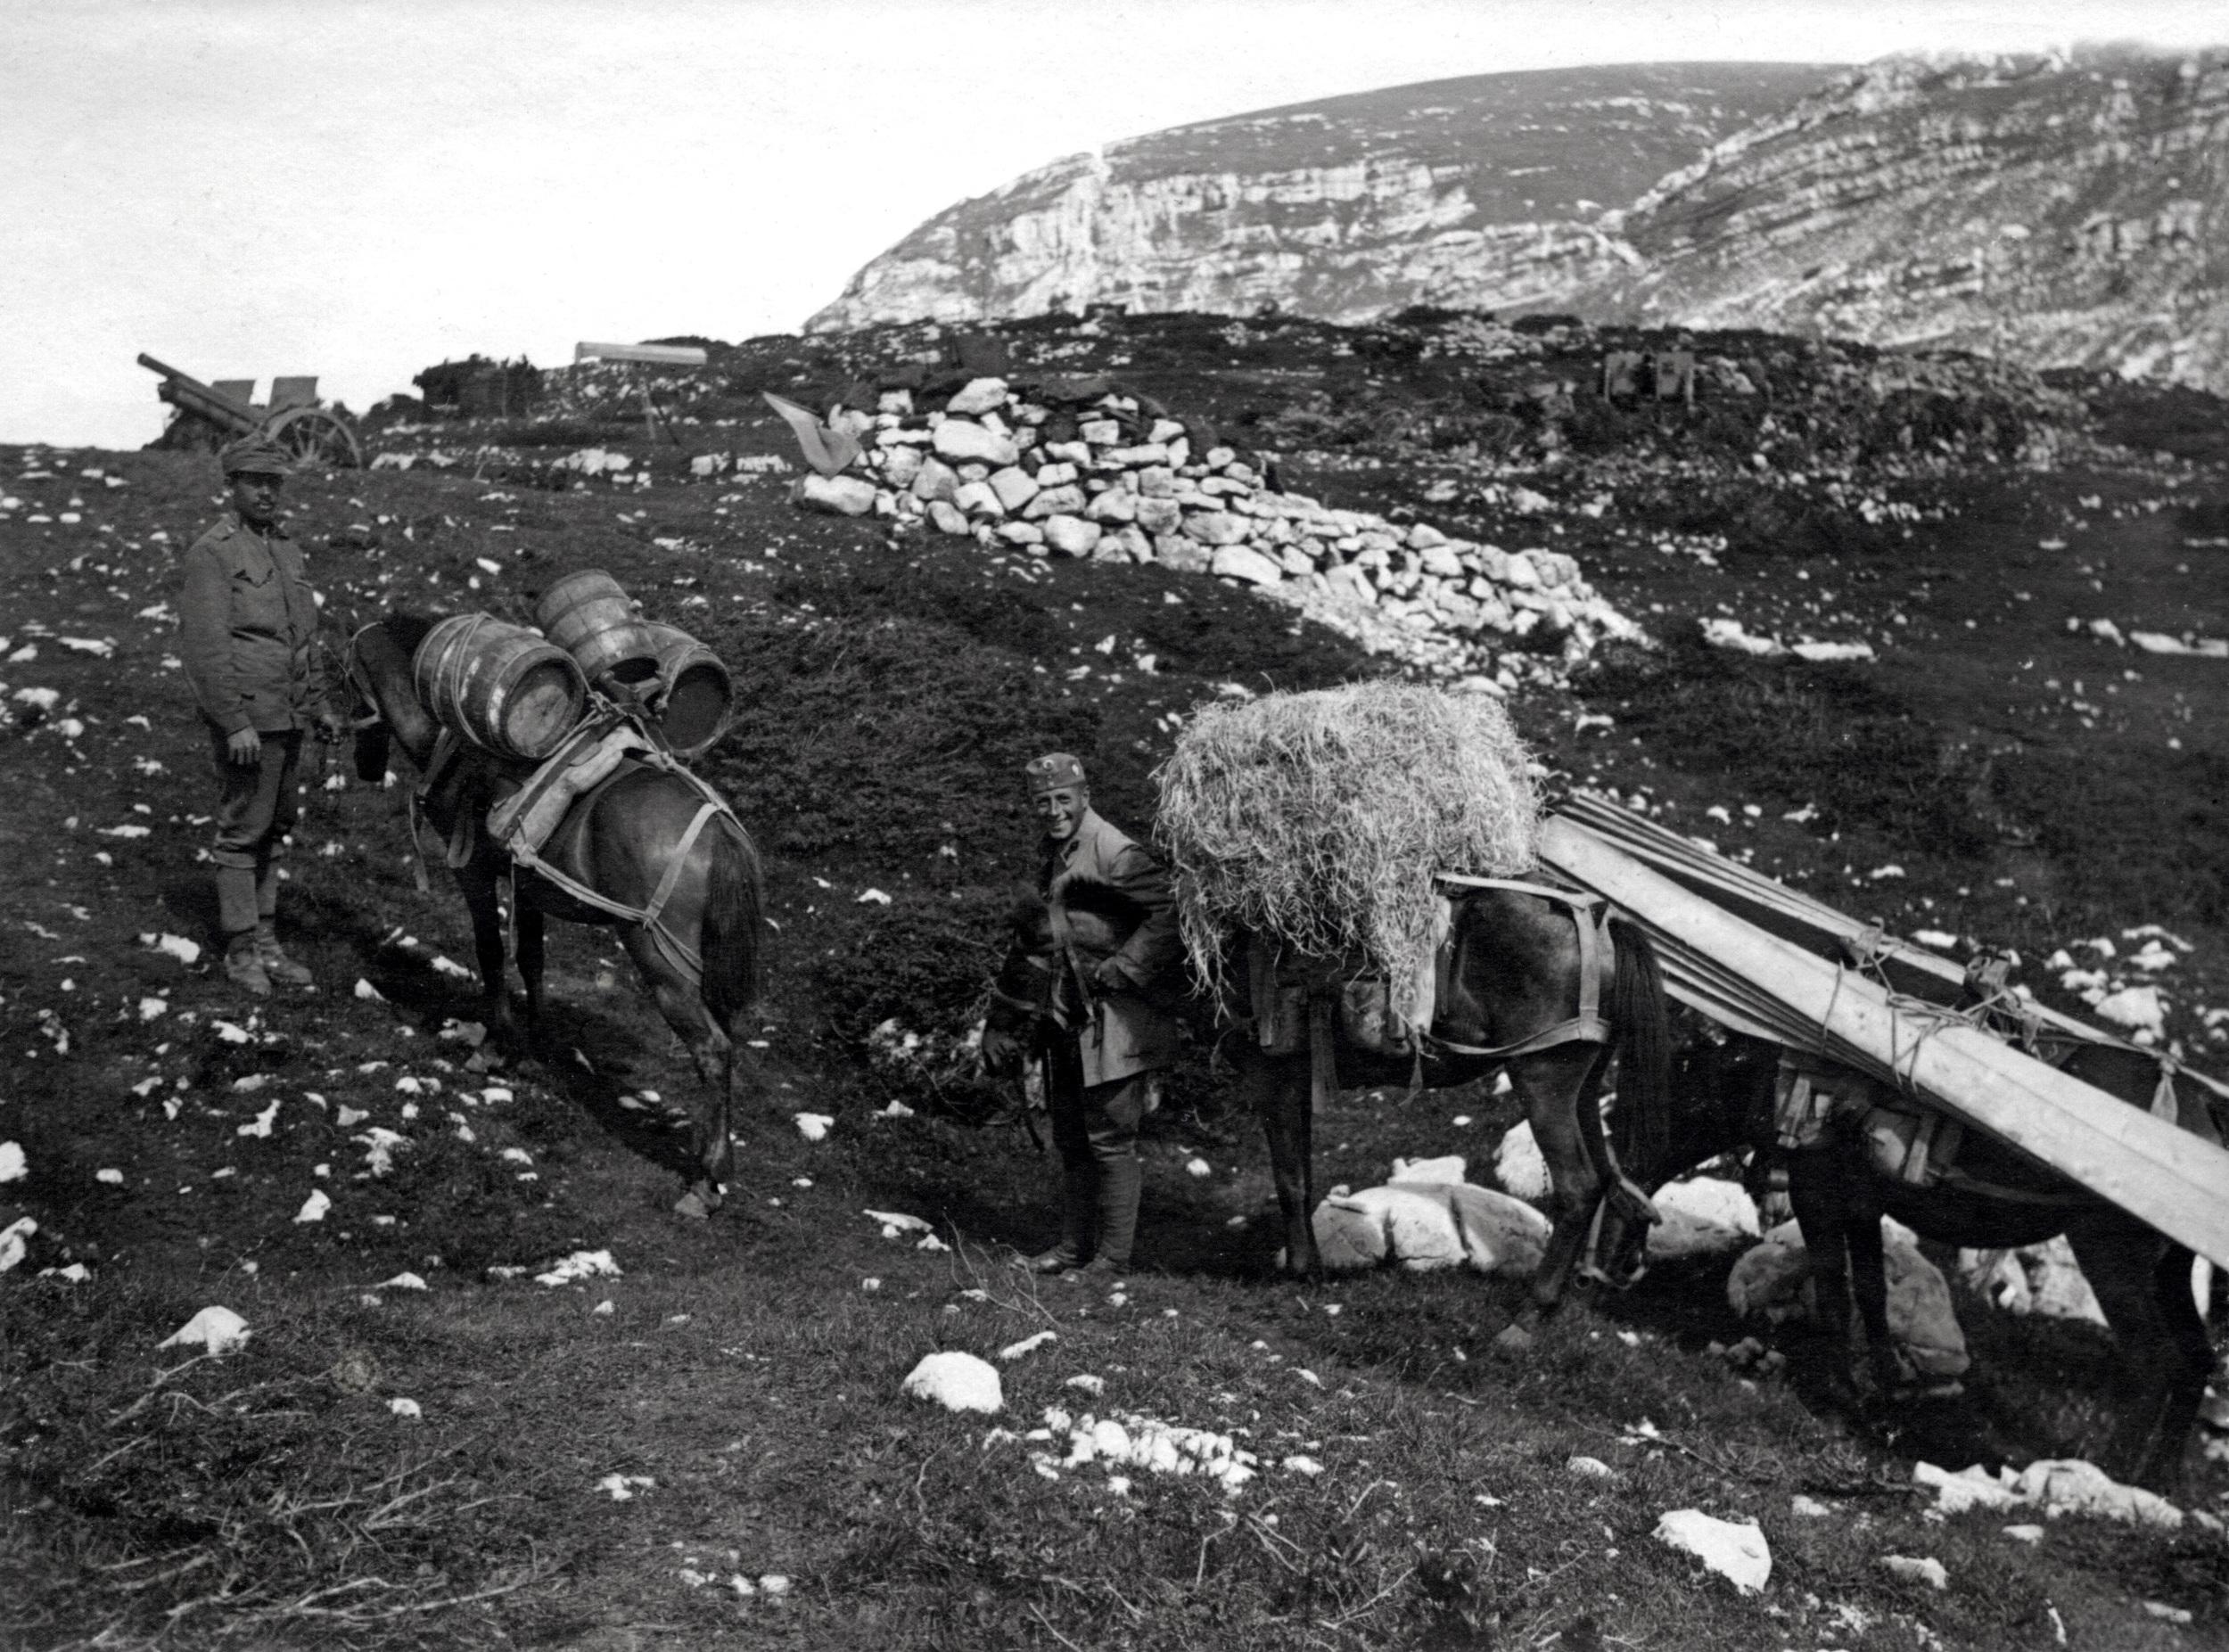 Salmerie austroungariche trasportano acqua, fieno e travi di legno verso le postazioni di artiglieria in alta quota